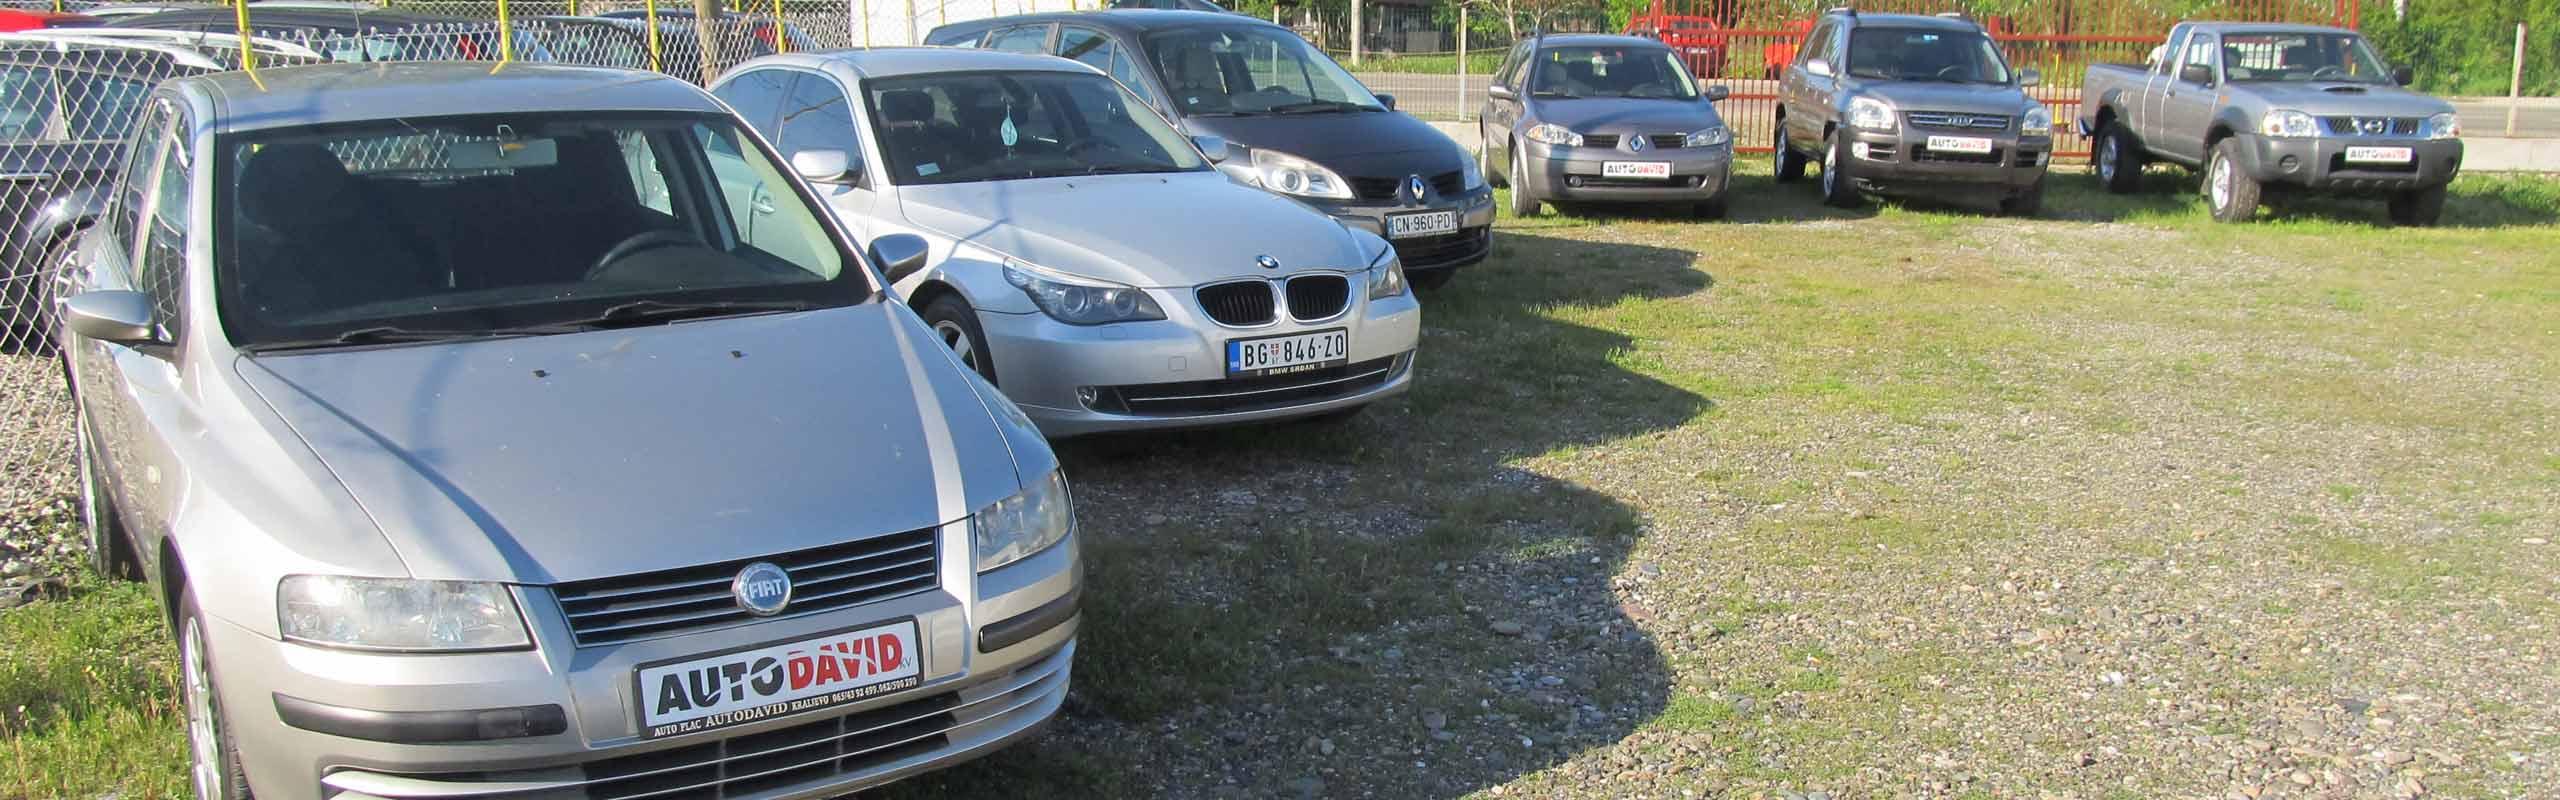 Bg auto plac